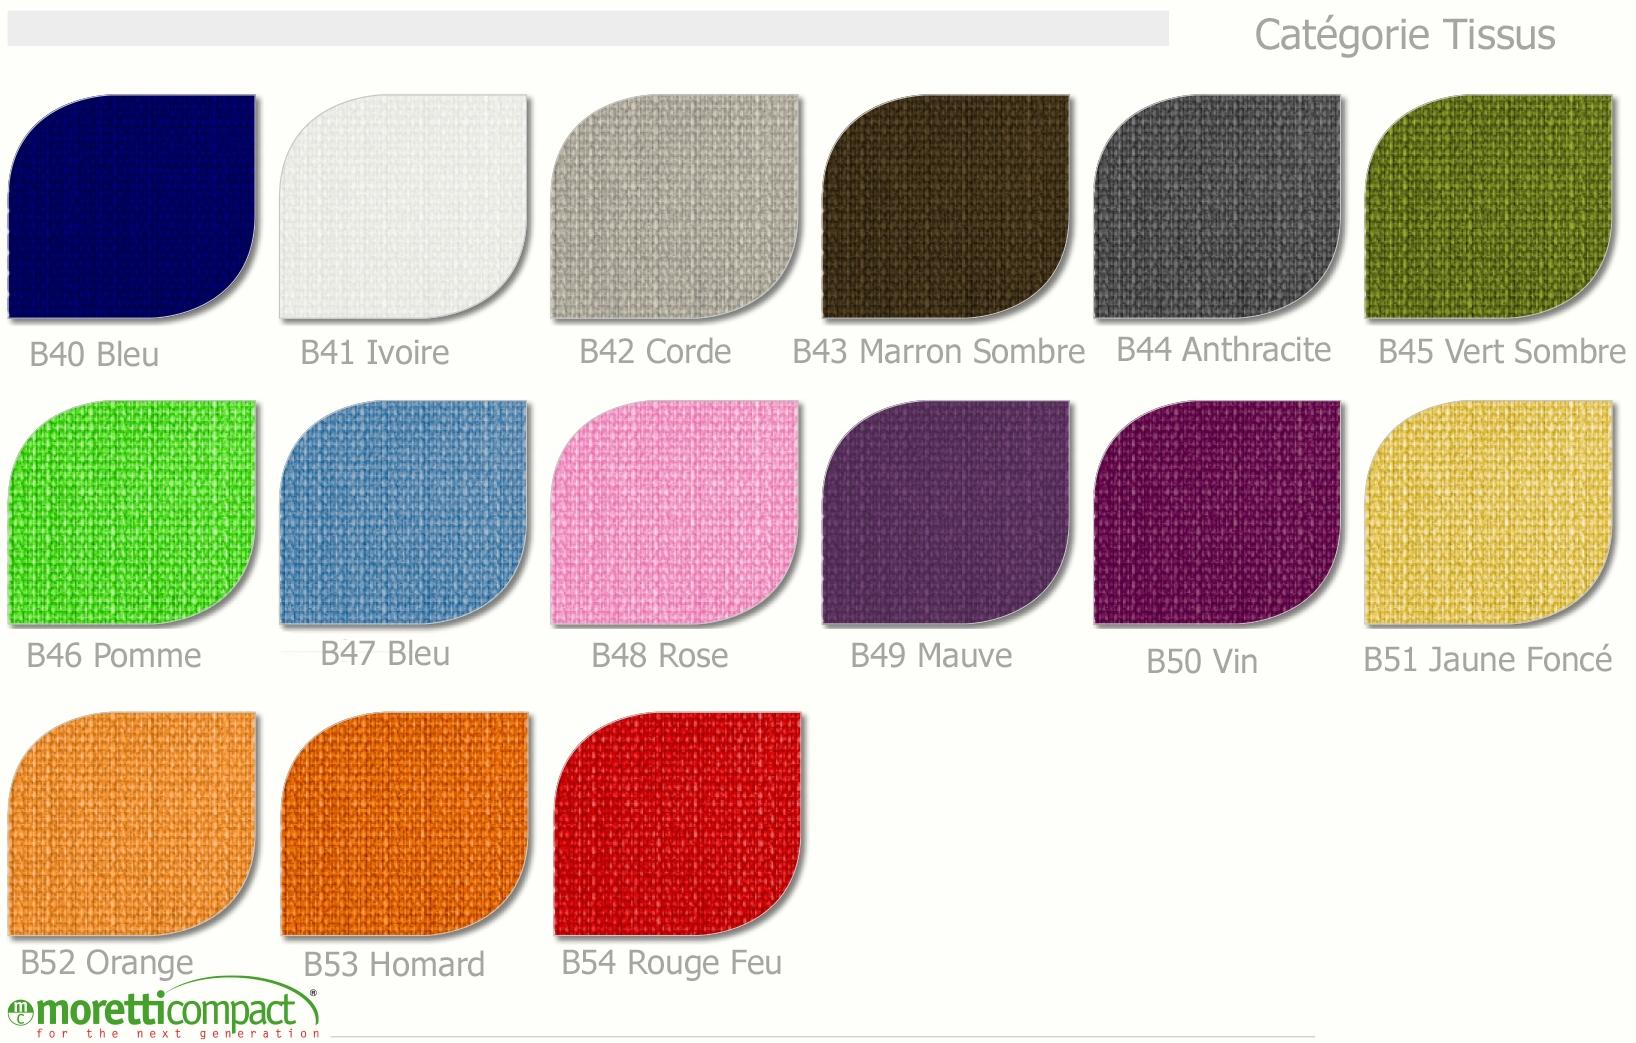 Lit canap recouvert de tissu couleur bleu moretti compact so nuit - Les couleurs de tissus ...